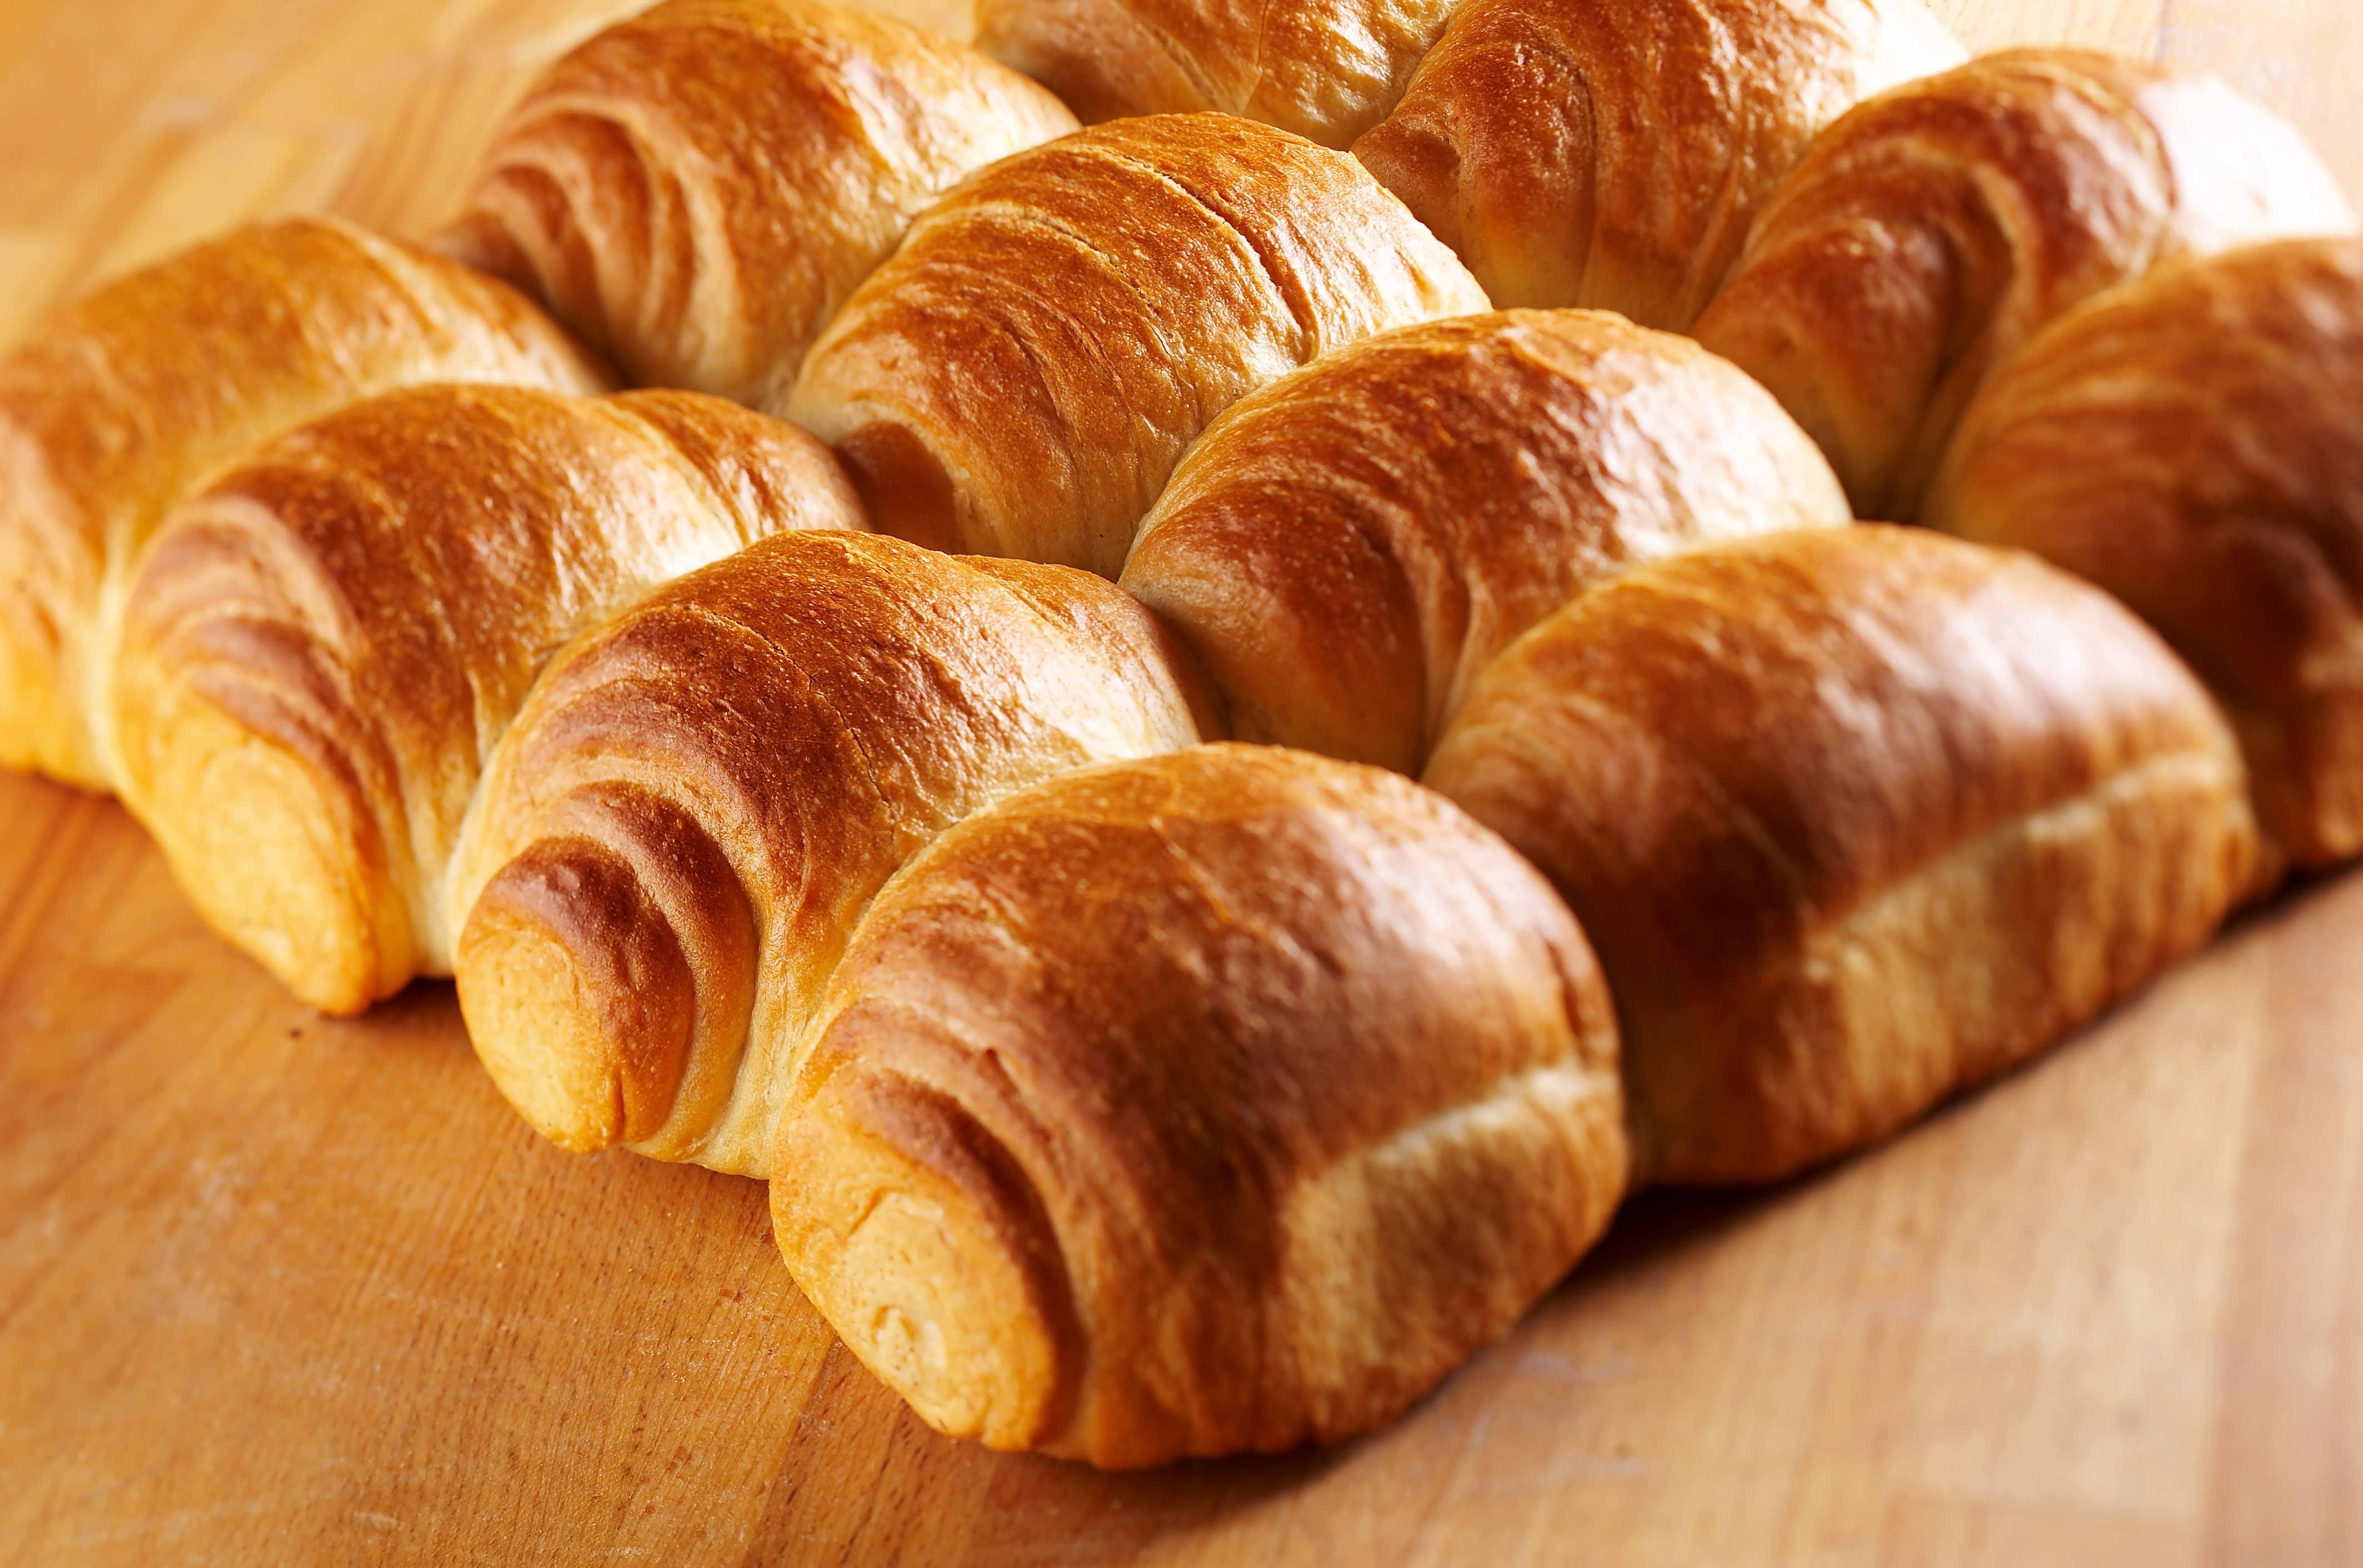 طرز تهیه شیرینی دانمارکی اصیل!+عکس